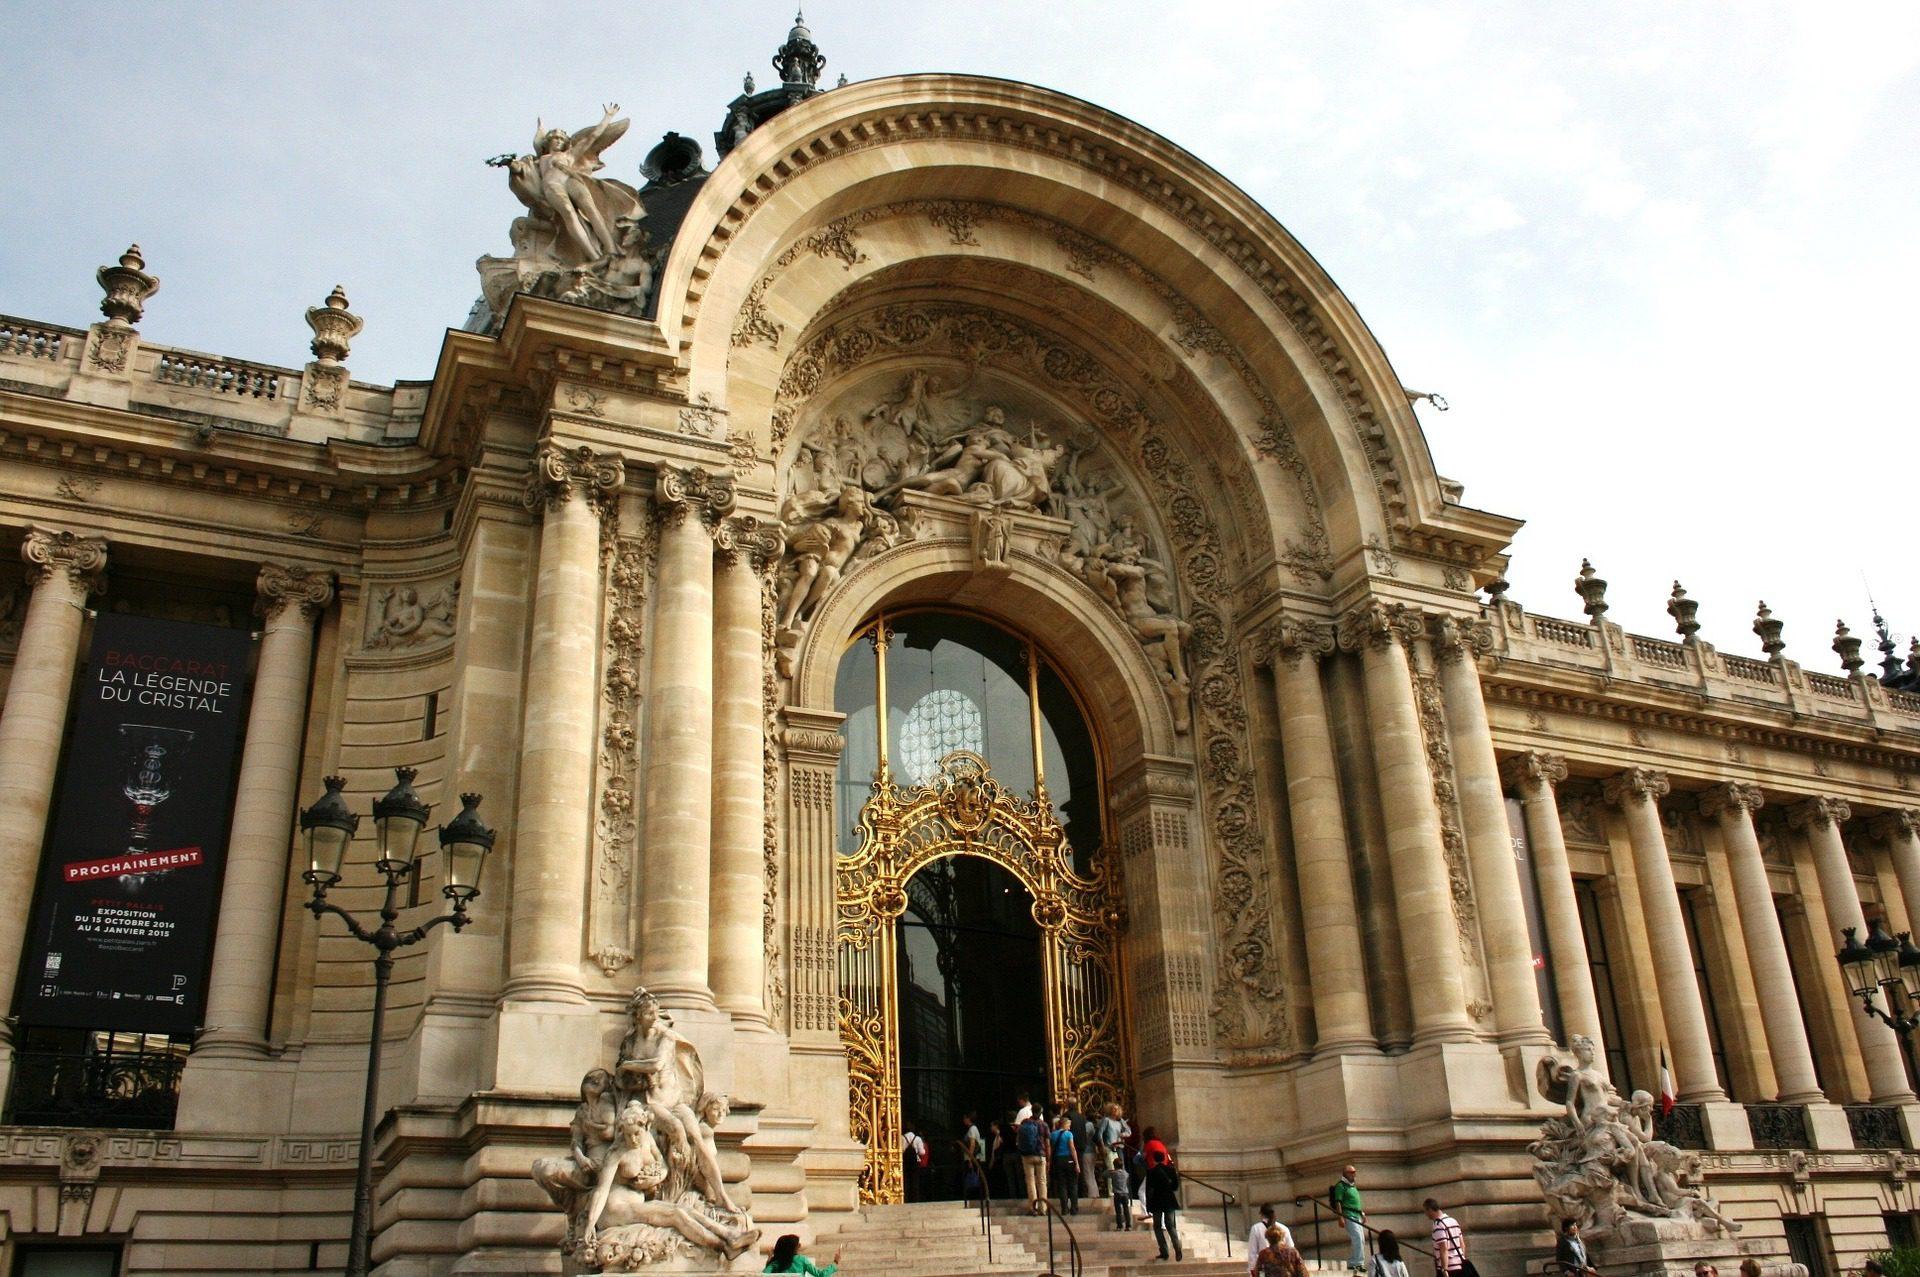 Le Petit Palace, Paris